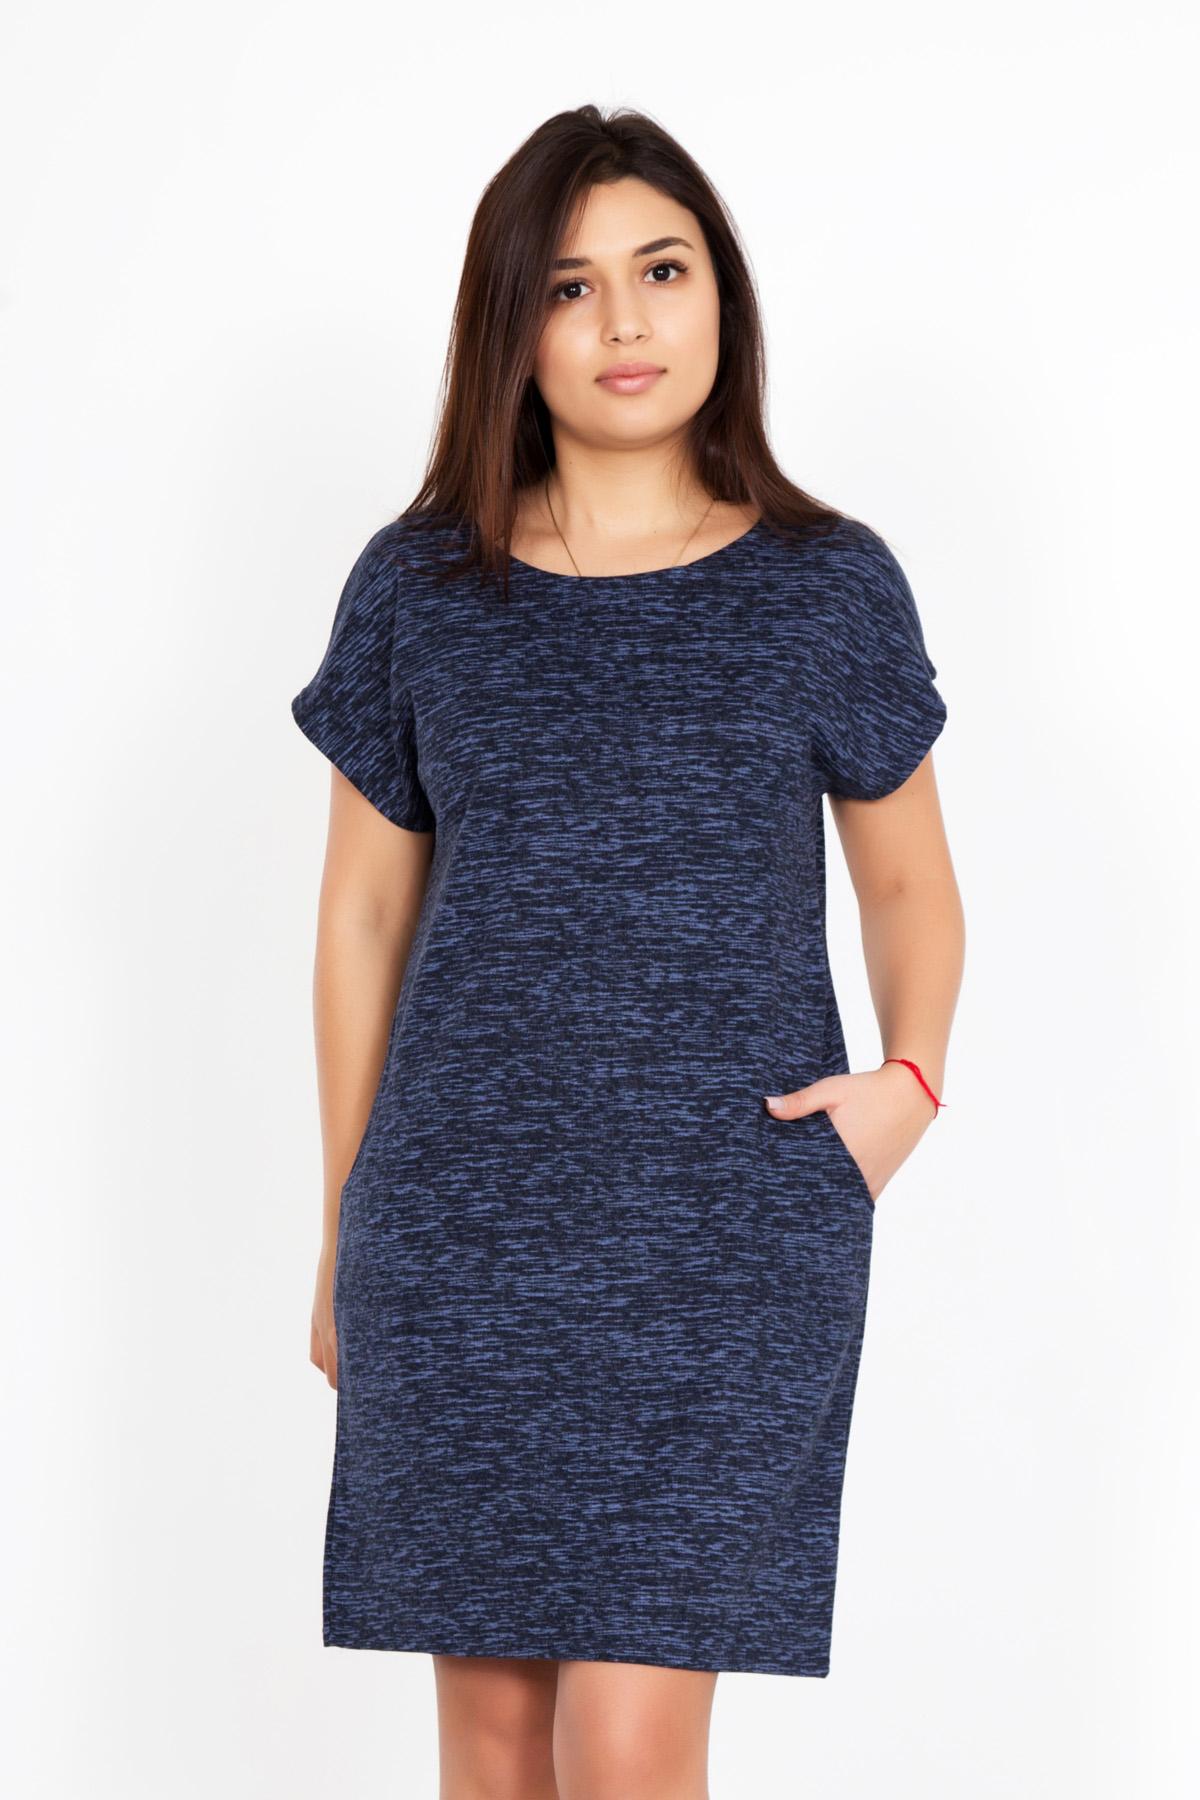 Жен. платье Кайла Синий р. 44Платья<br>Обхват груди:88 см<br>Обхват талии:68 см<br>Обхват бедер:96 см<br>Длина по спинке:84 см<br>Рост:167 см<br><br>Тип: Жен. платье<br>Размер: 44<br>Материал: Футер